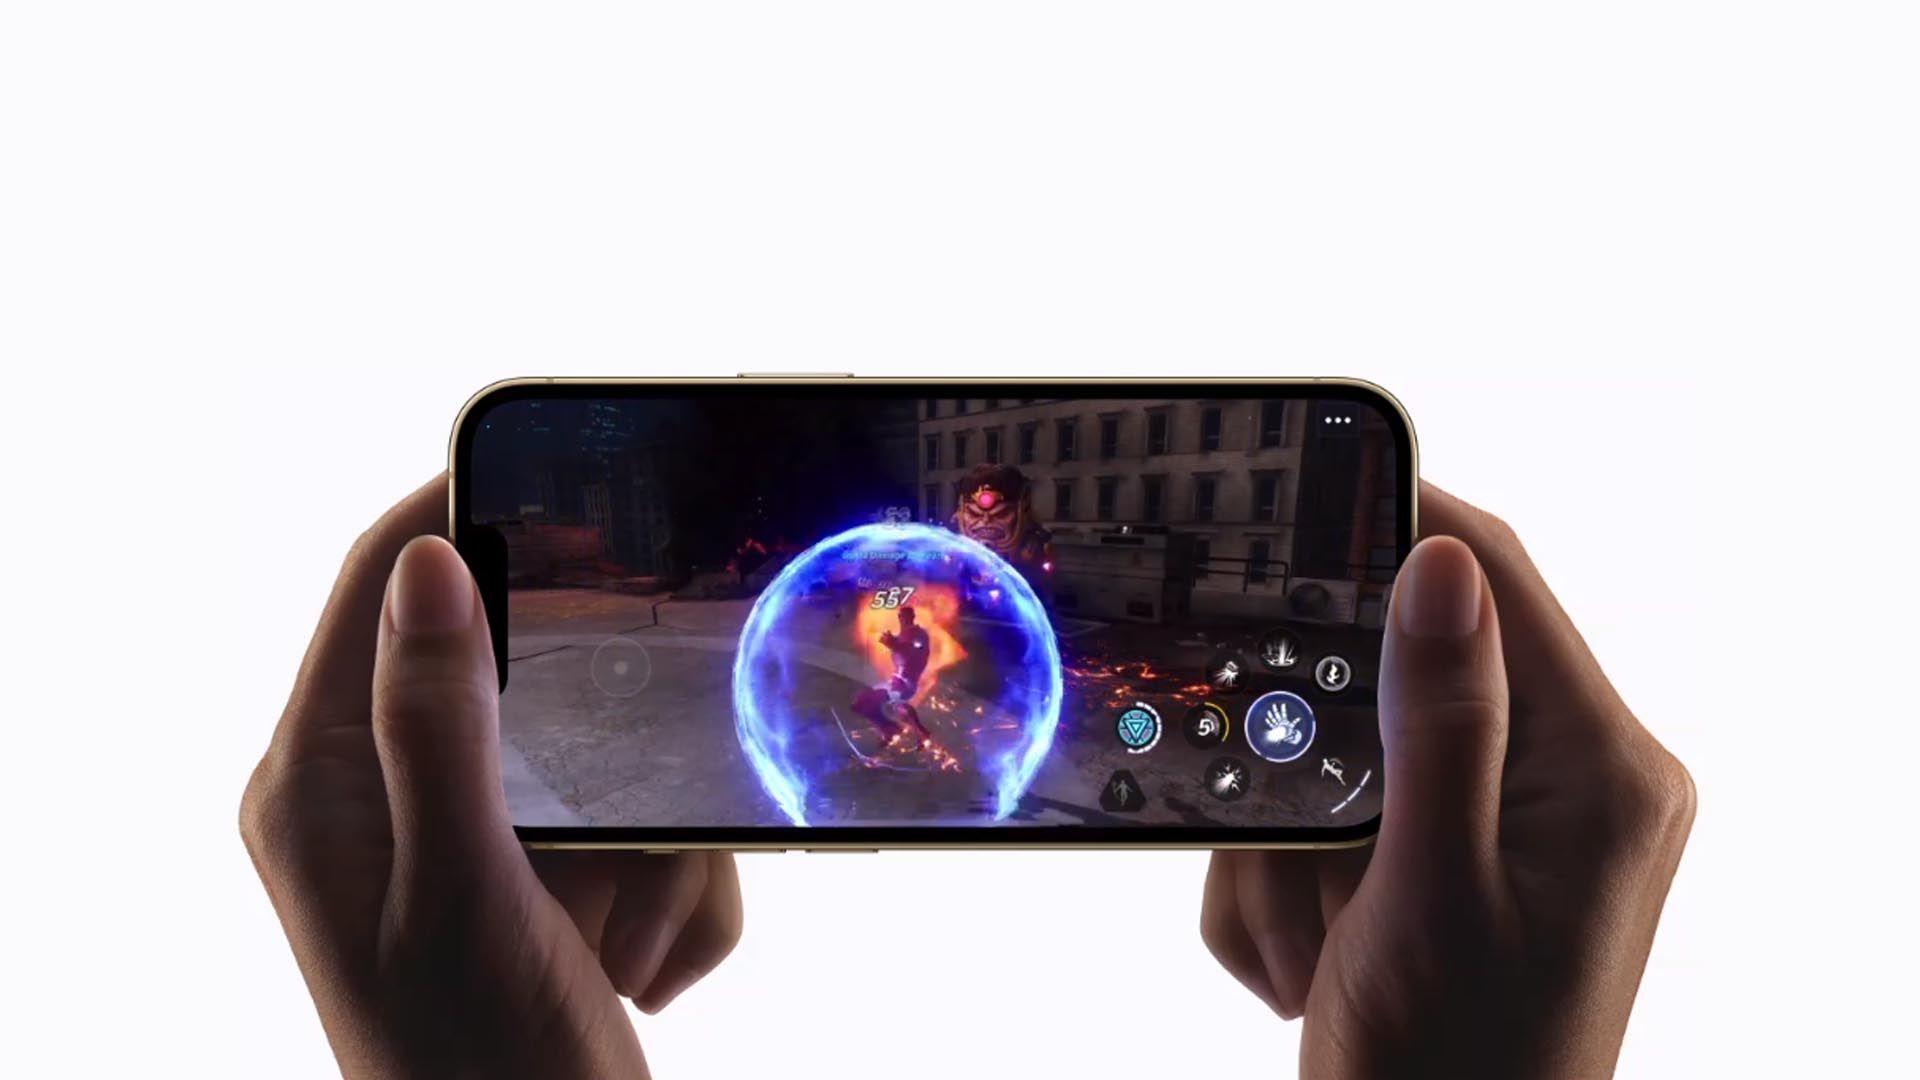 Imagem do iPhone 13 Pro Max rodando um jogo